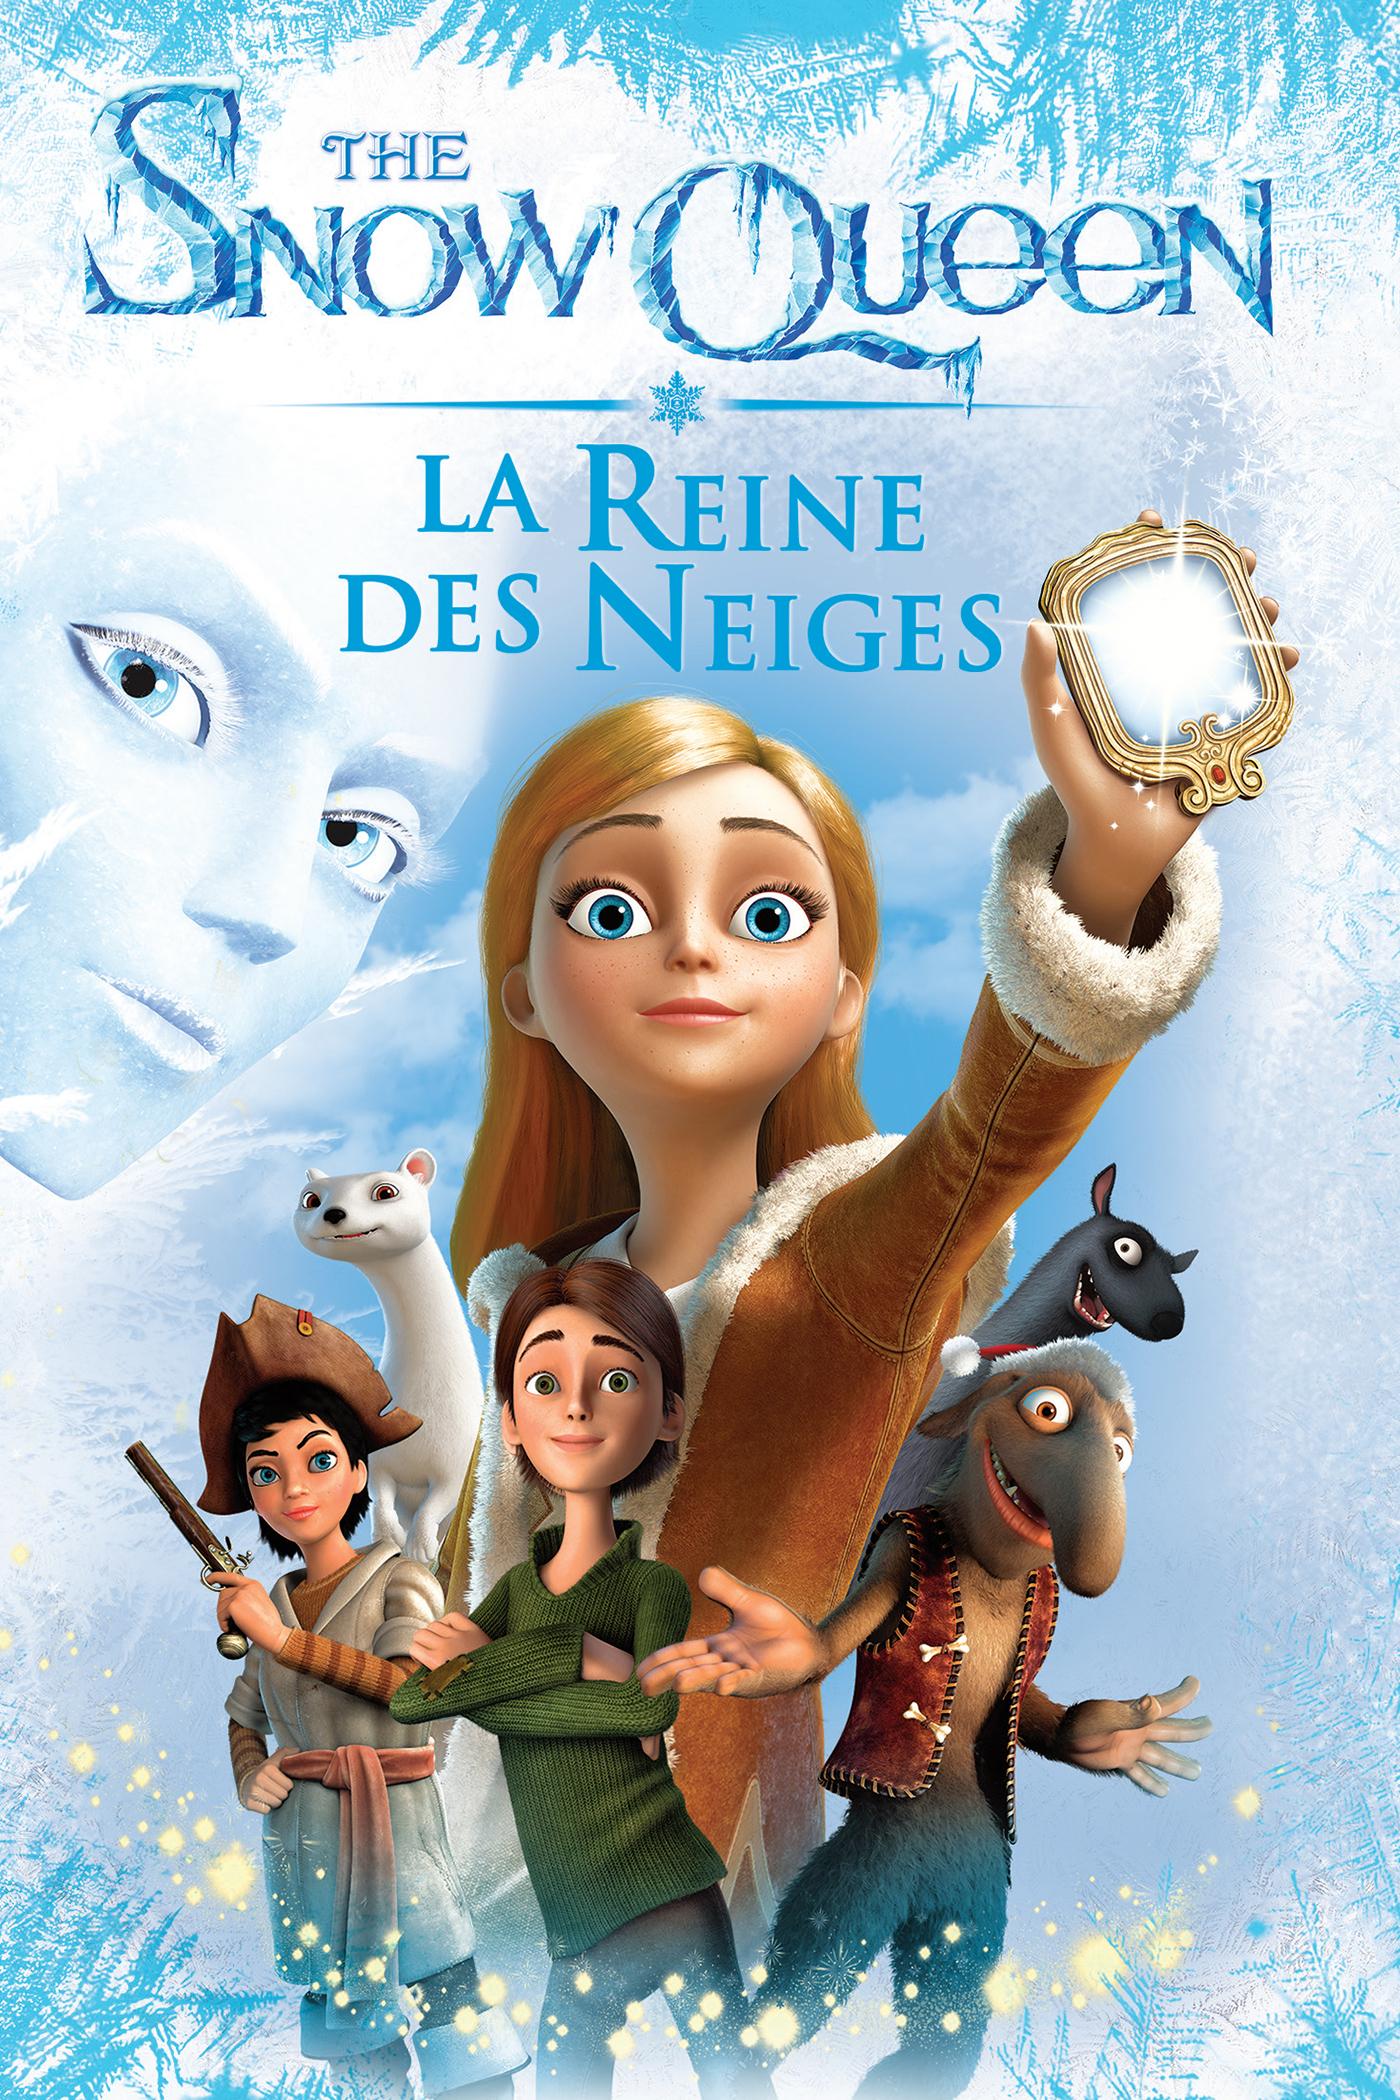 Itunes films the snow queen la reine des neiges 2012 - Download la reine des neiges ...